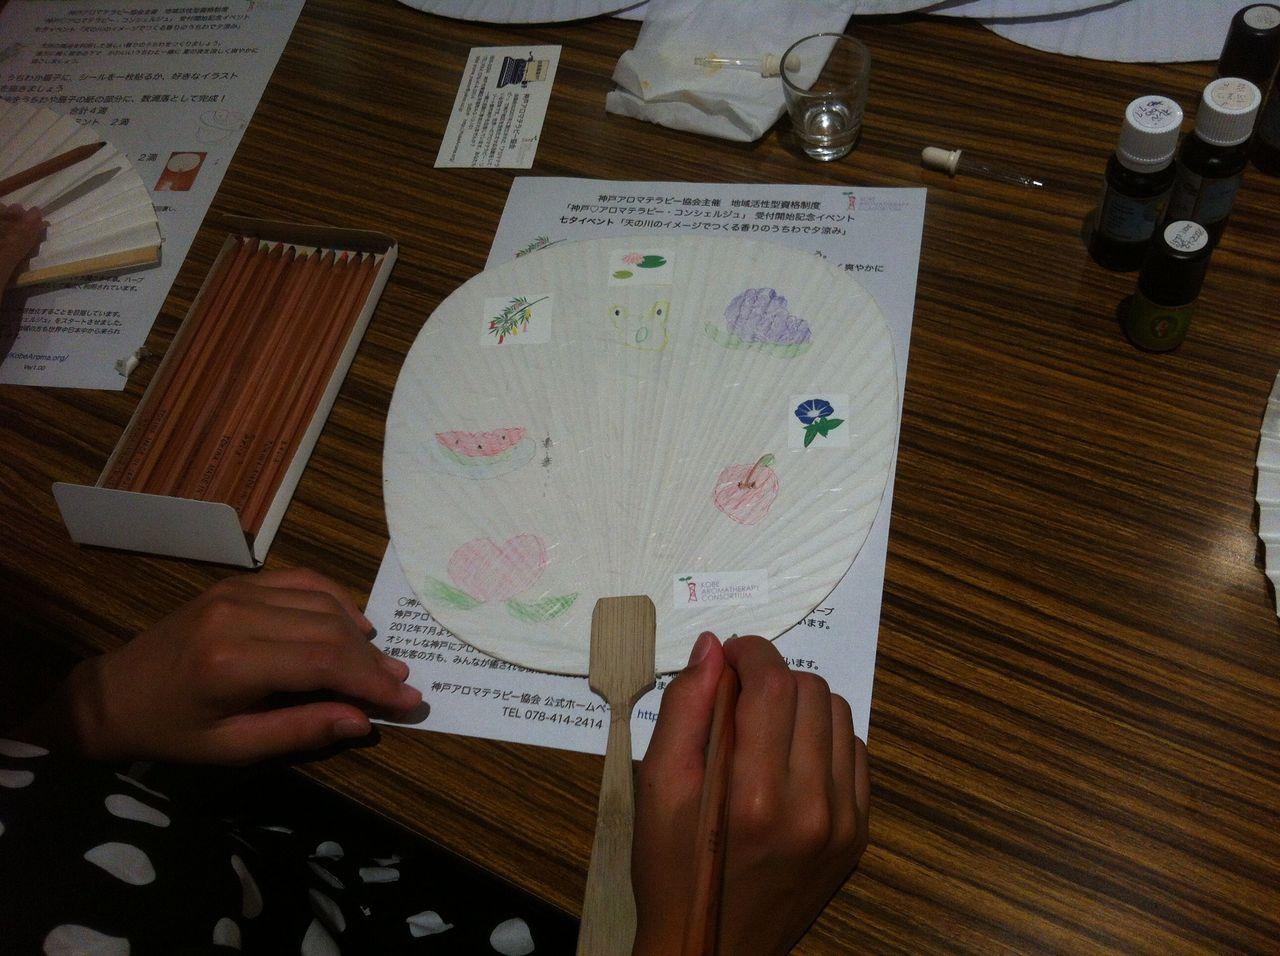 女の子作品涼しいうちわ : アロマテラピー(神戸アロマテラピー協会) アロタン(アロマテラピーの